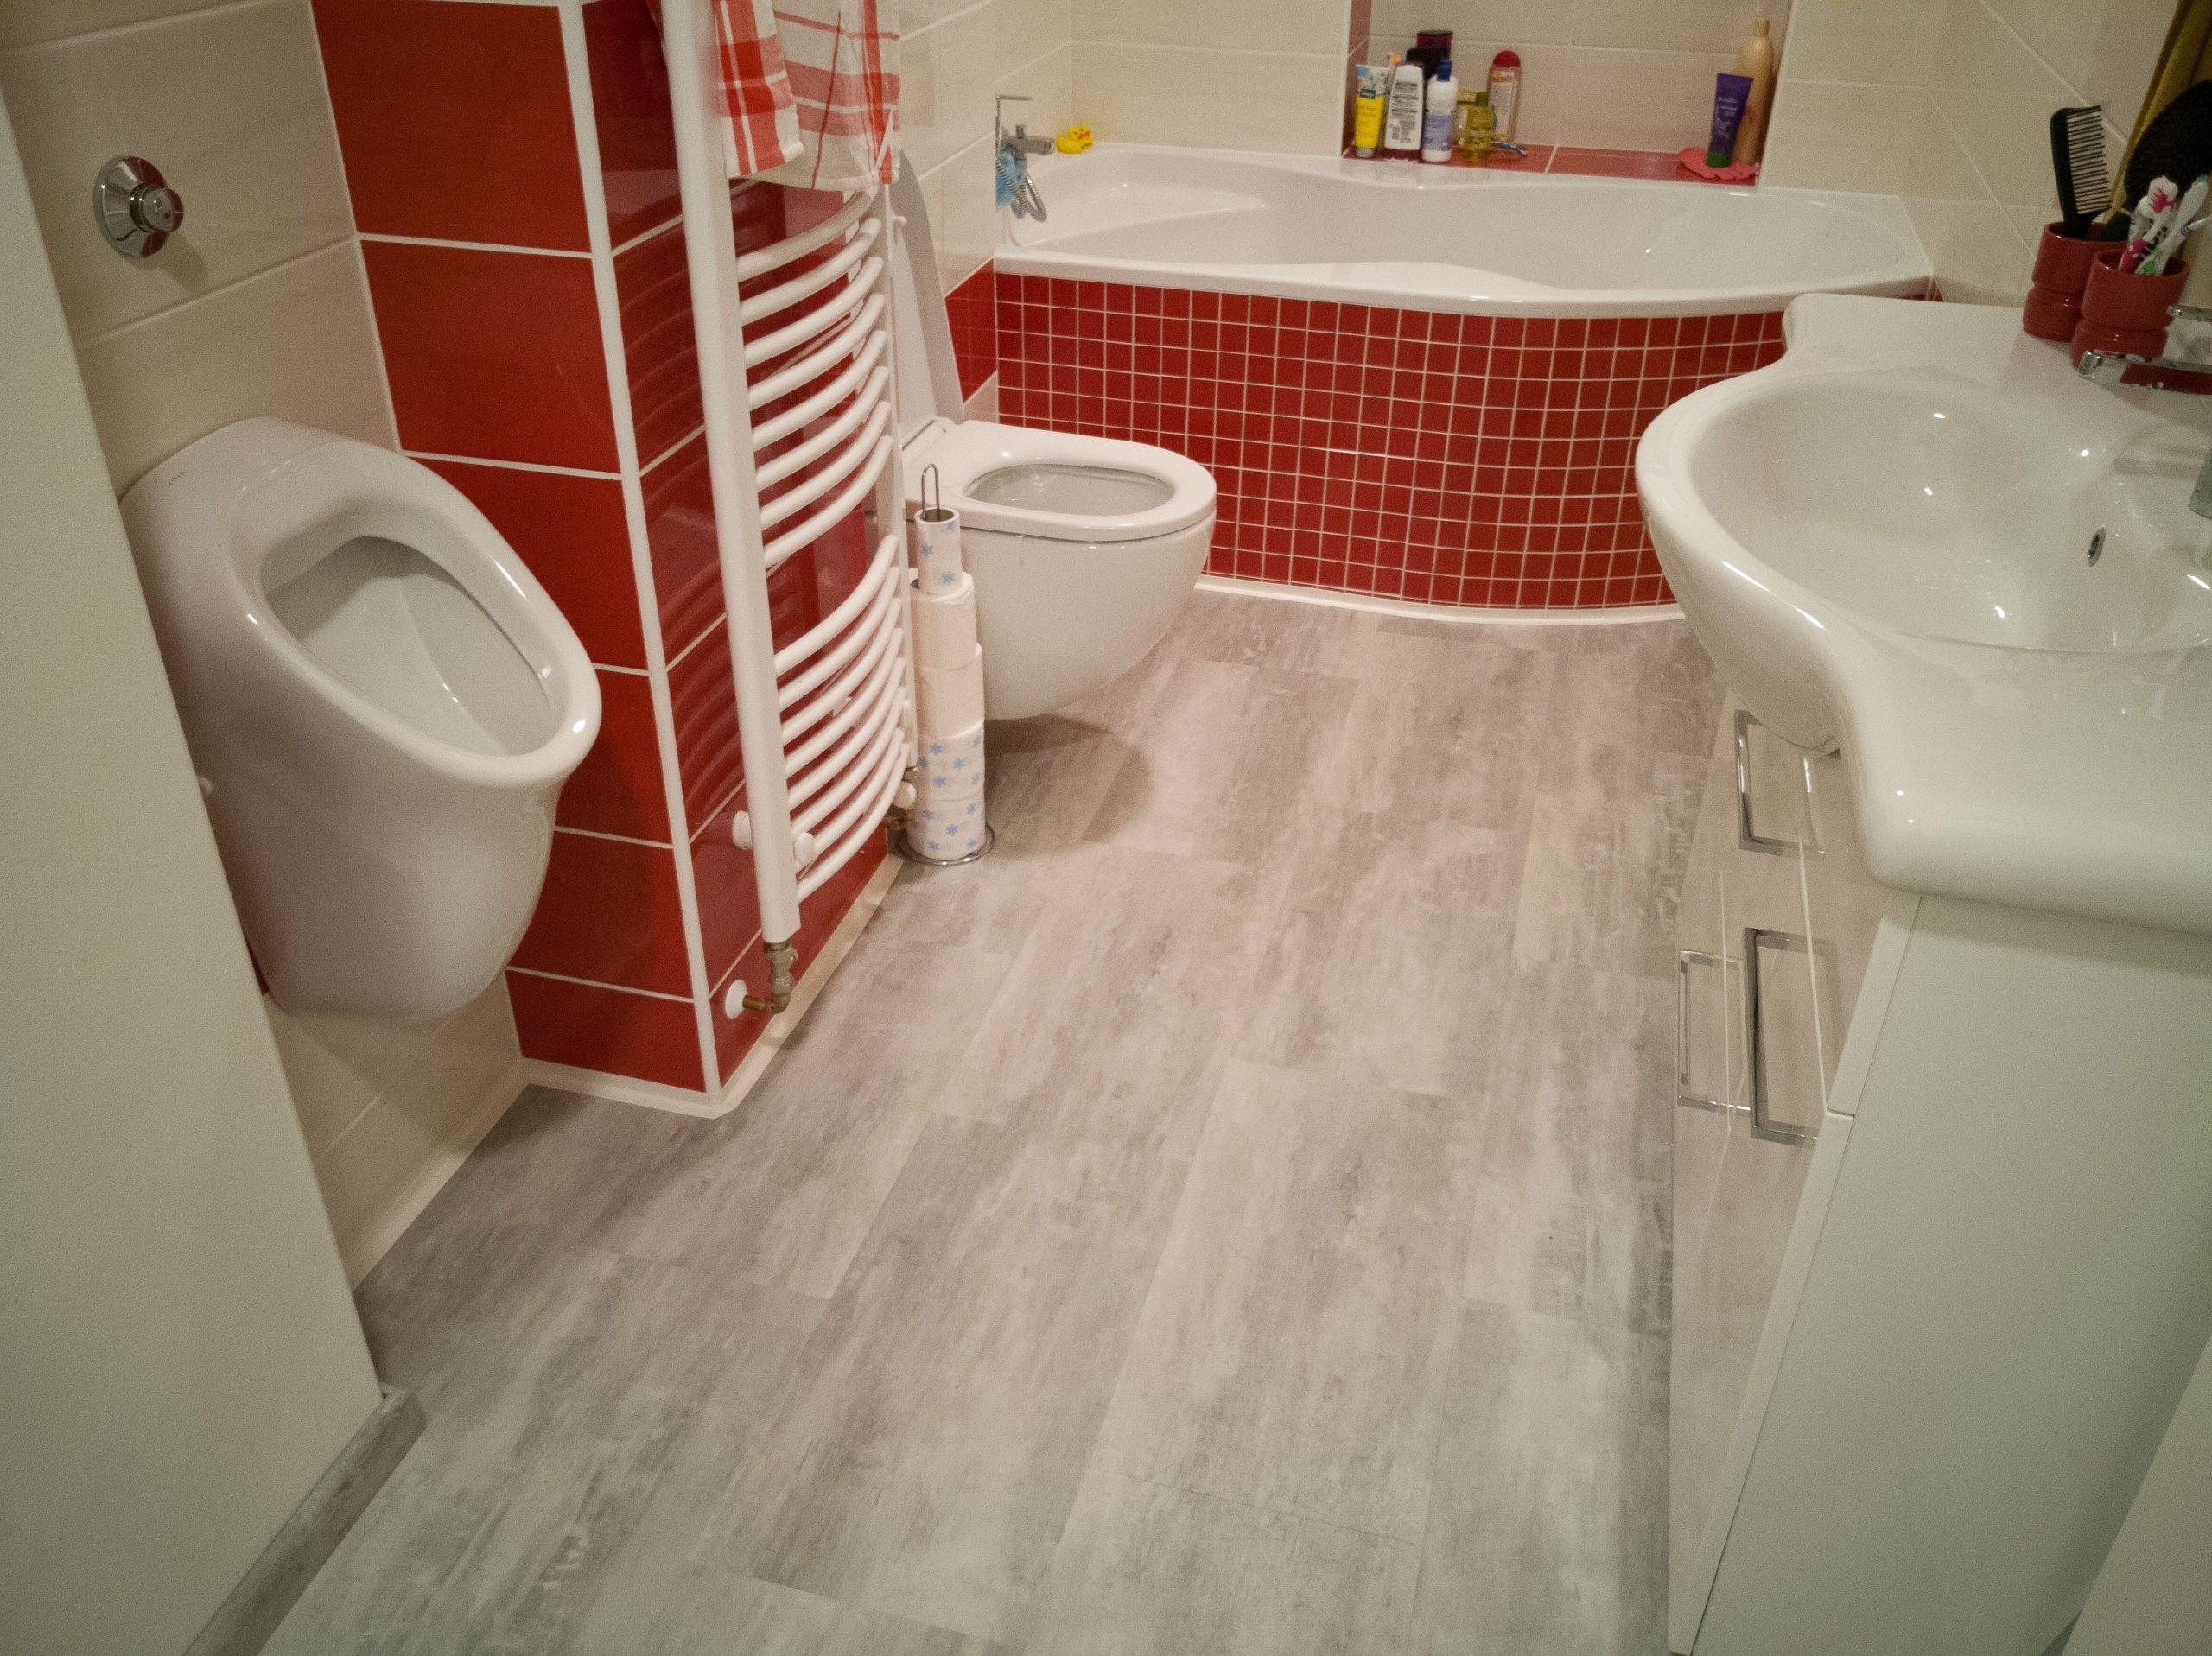 Kombinace keramických obkladů a vinylové podlahy přináší velmi vysoký uživatelský komfort